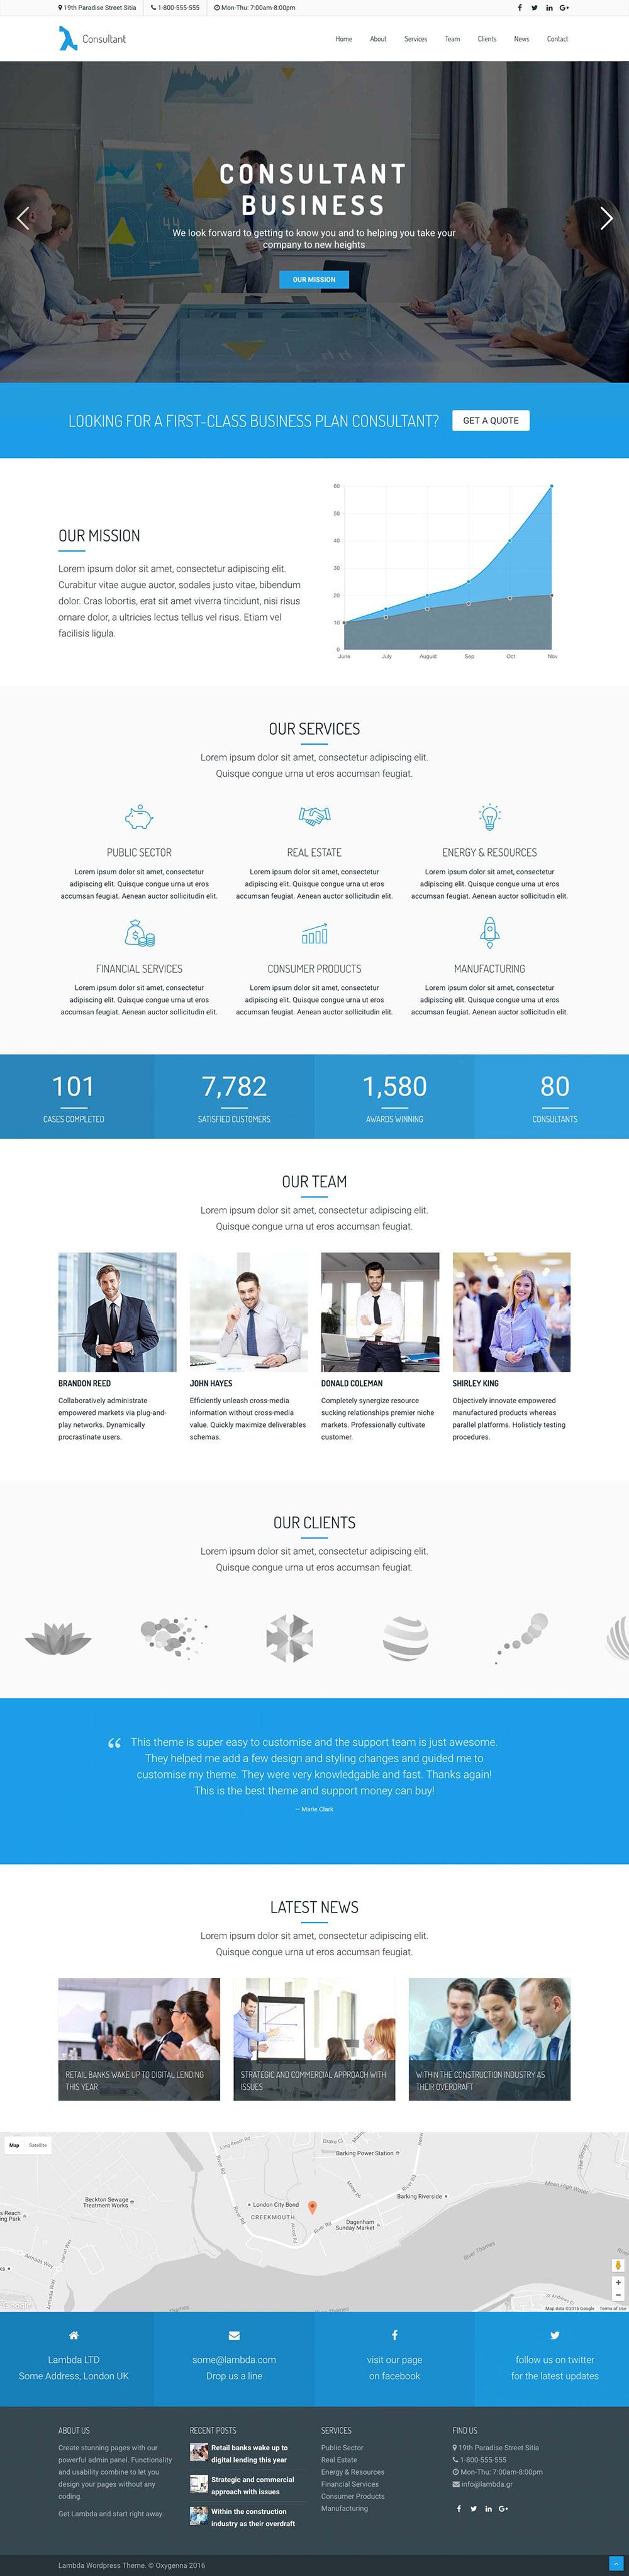 consultant